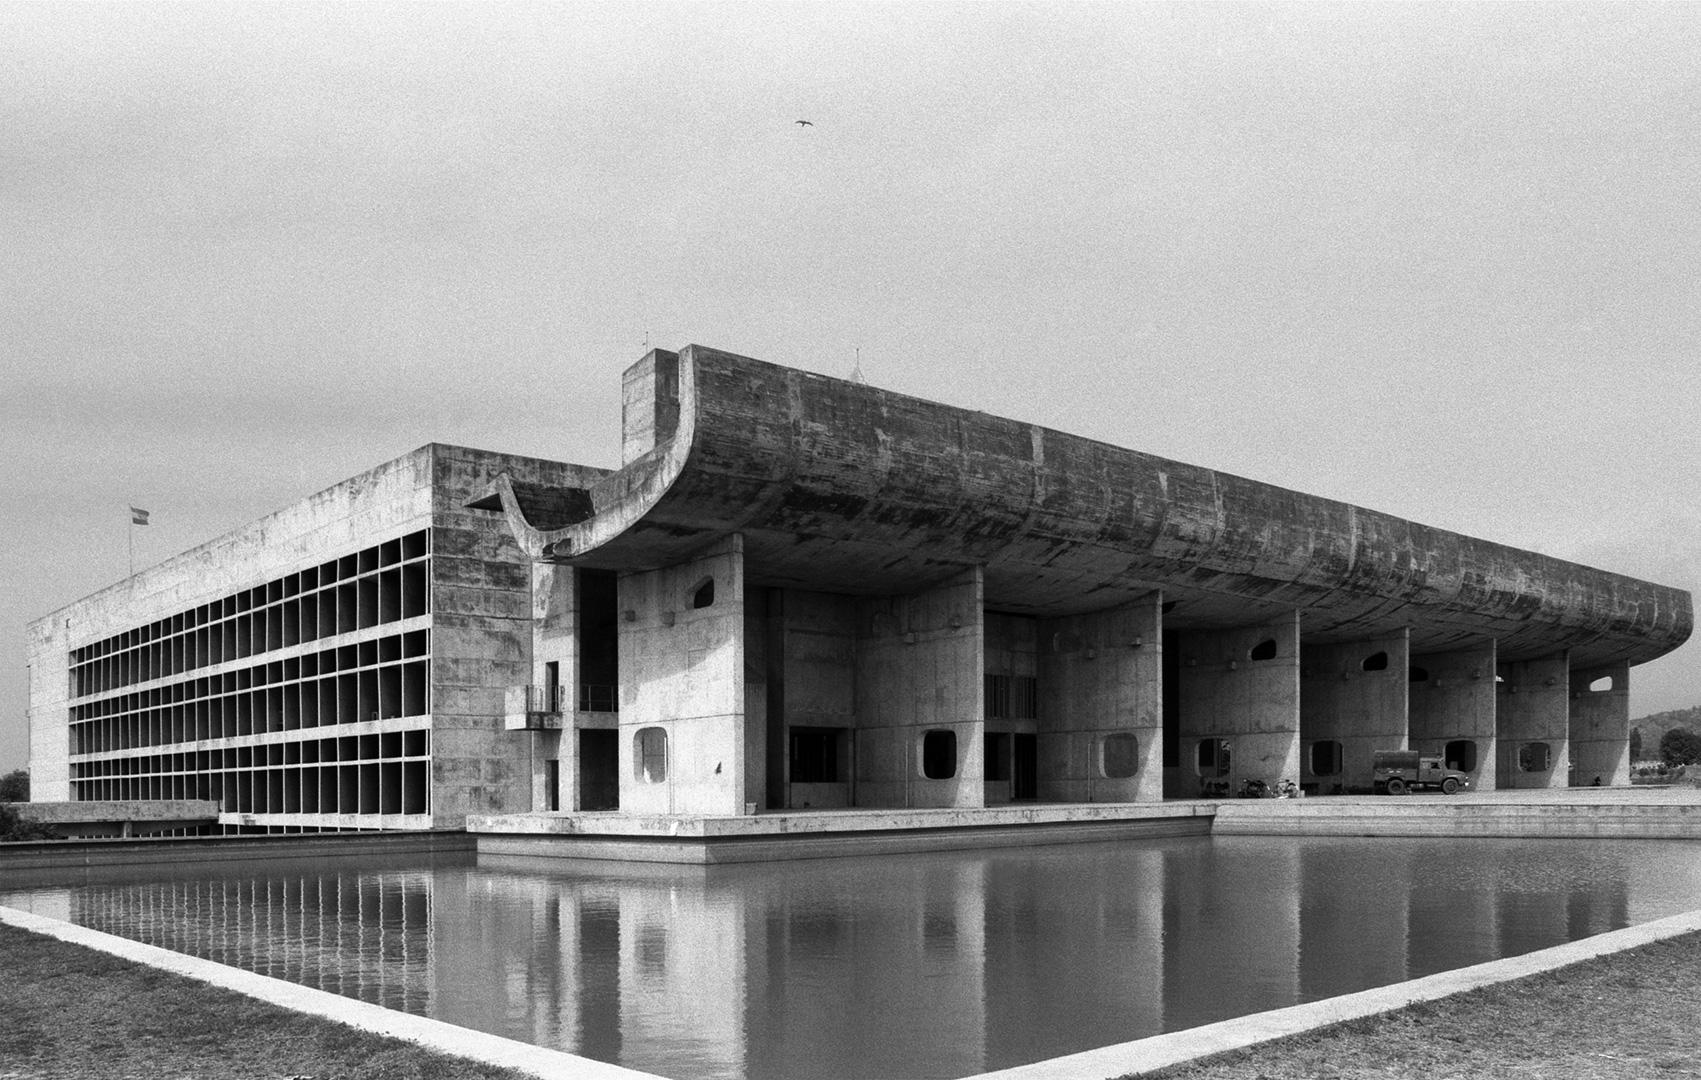 le-corbusier_05_Le_Corbusier_Chadingarh_LC1_927-18-CHA